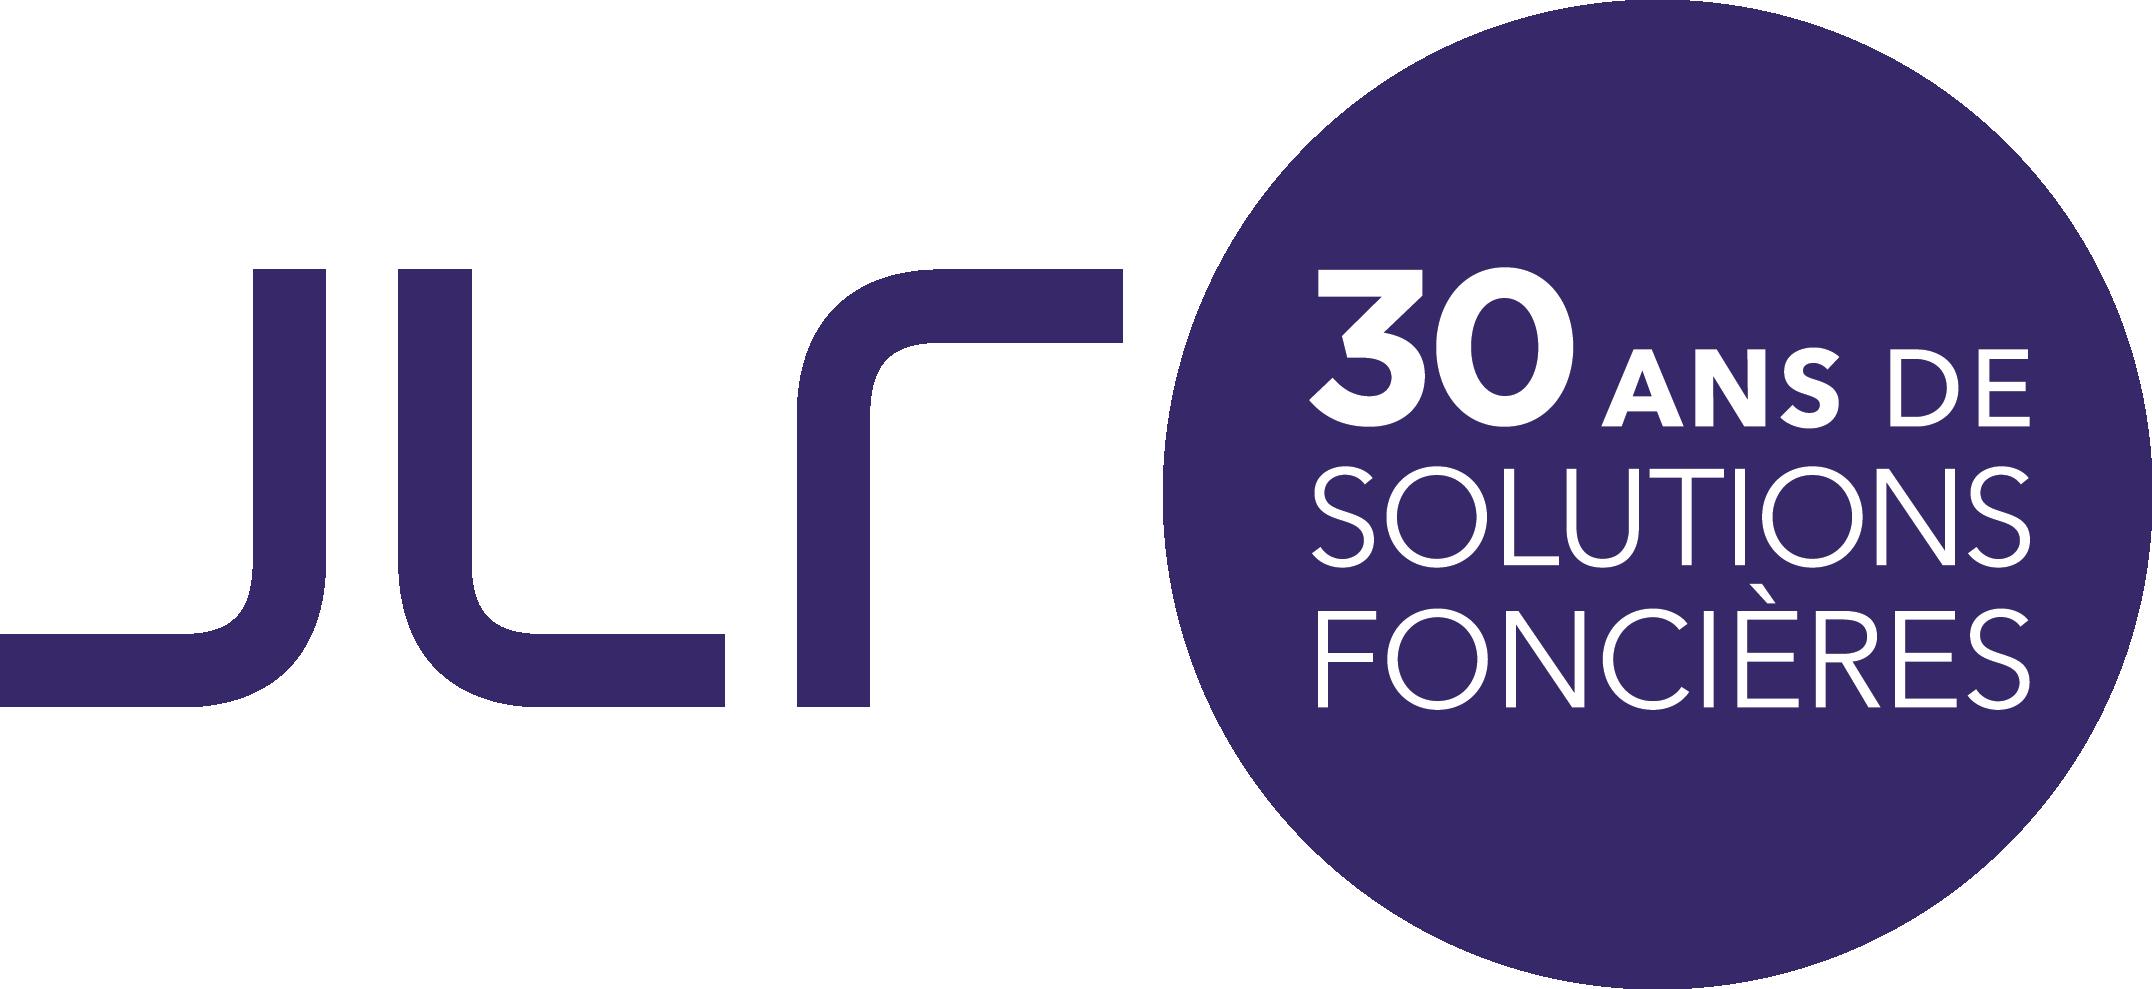 JLR Solutions Foncières